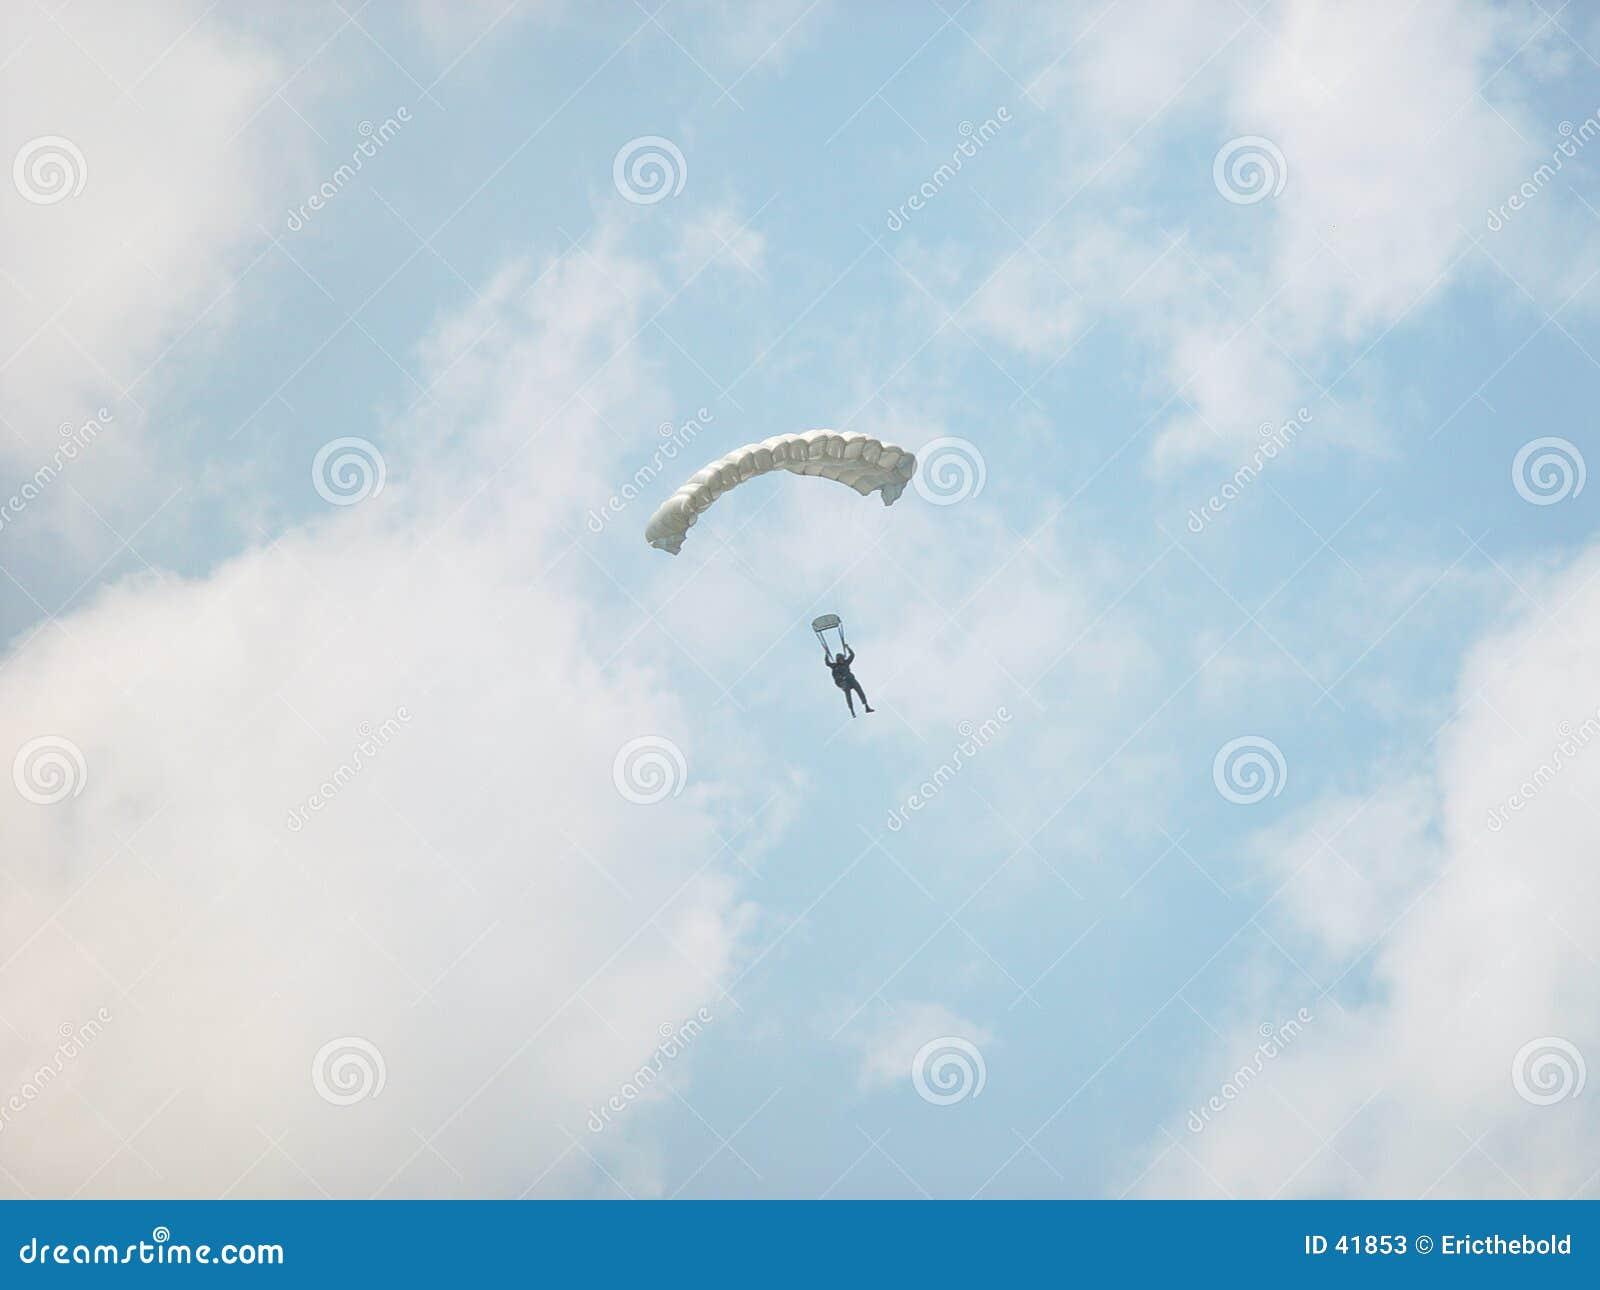 Air mitt-